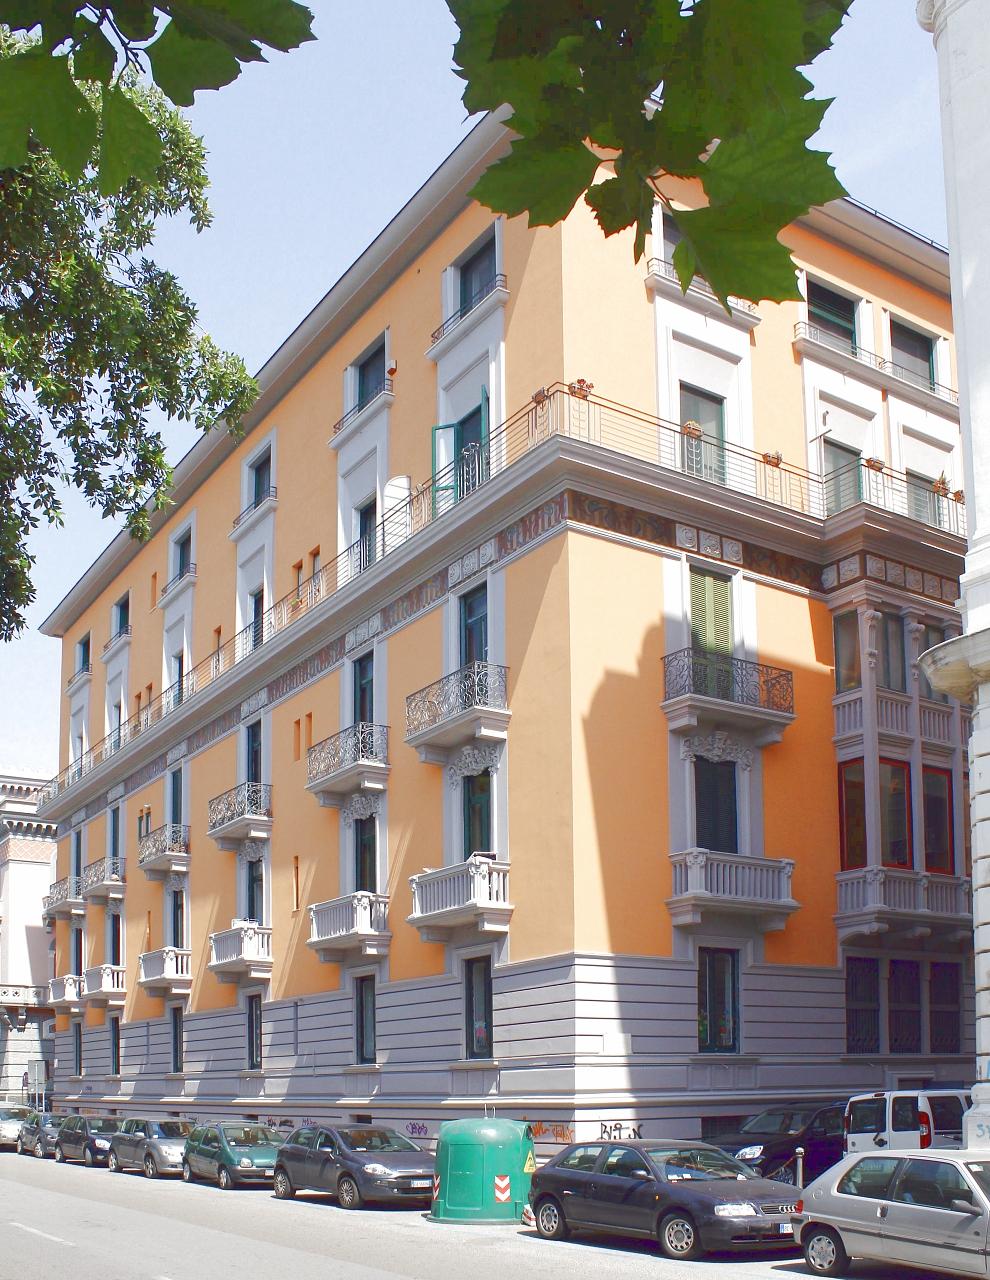 Palazzo D'Agostino Cav.Matteo e figli (palazzo) - Salerno (SA)